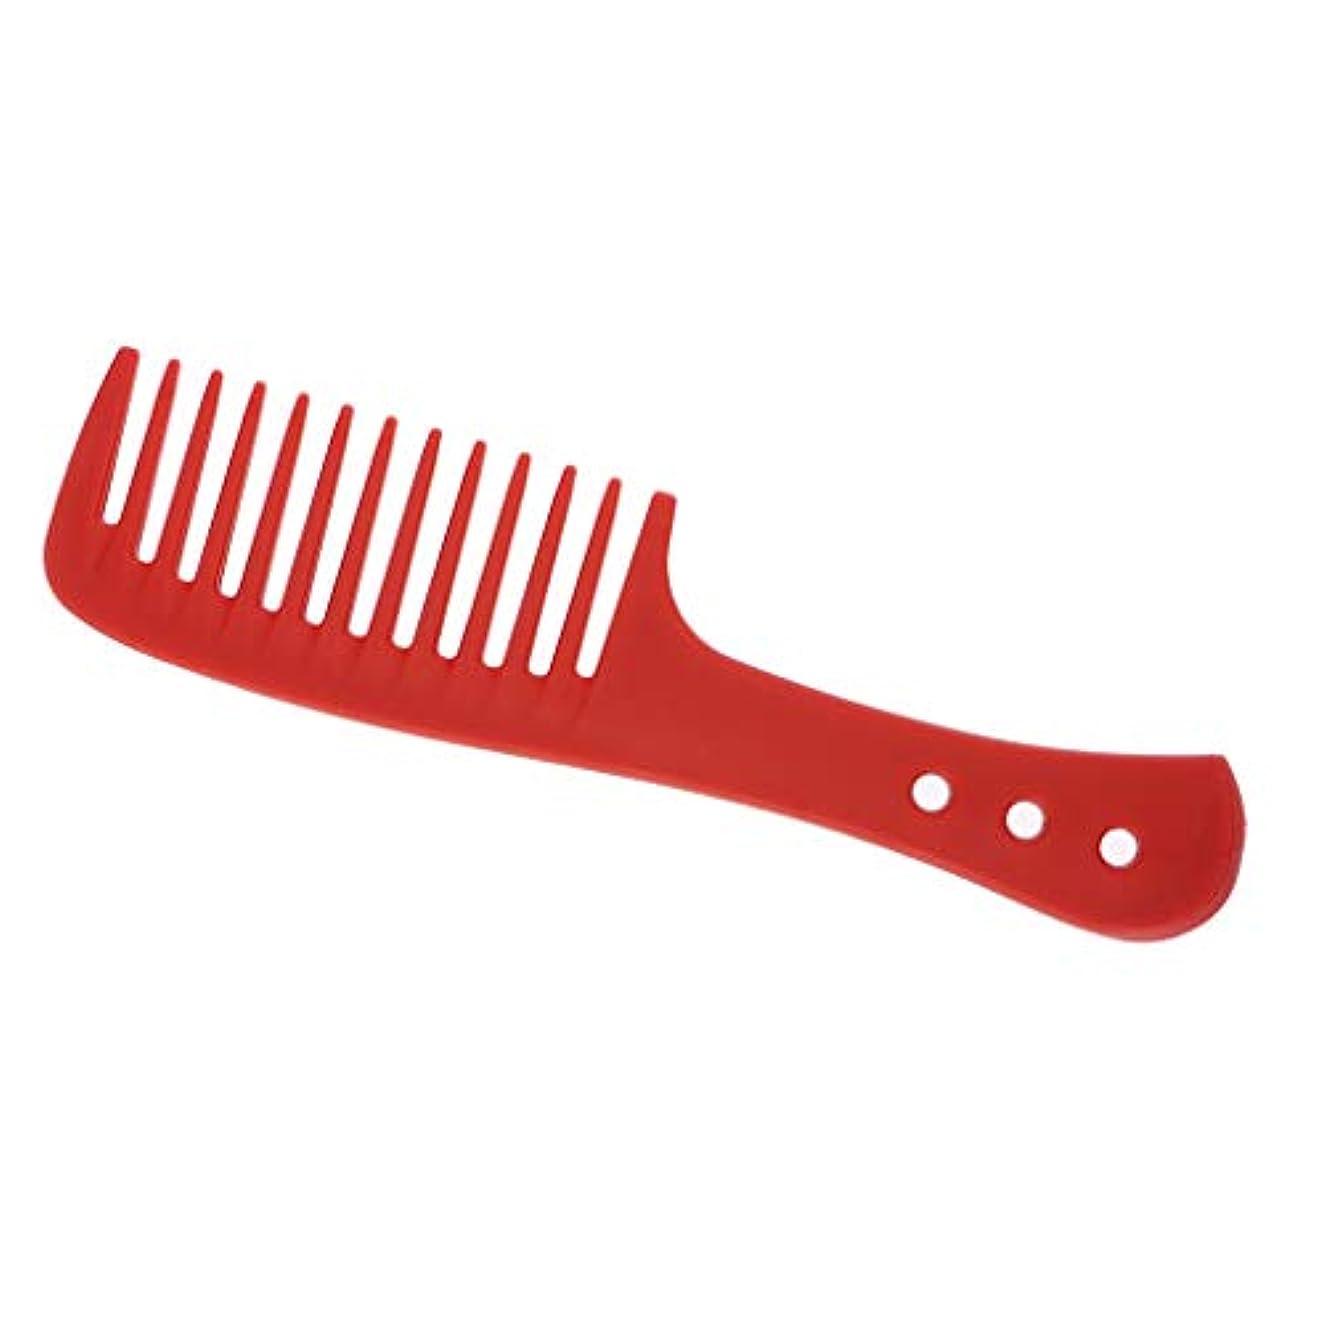 テザーマニアック誘惑DYNWAVE ヘアケア ヘアスタイリング ヘアコーム 櫛 美髪 ヘアブラシ 全4色 - 赤